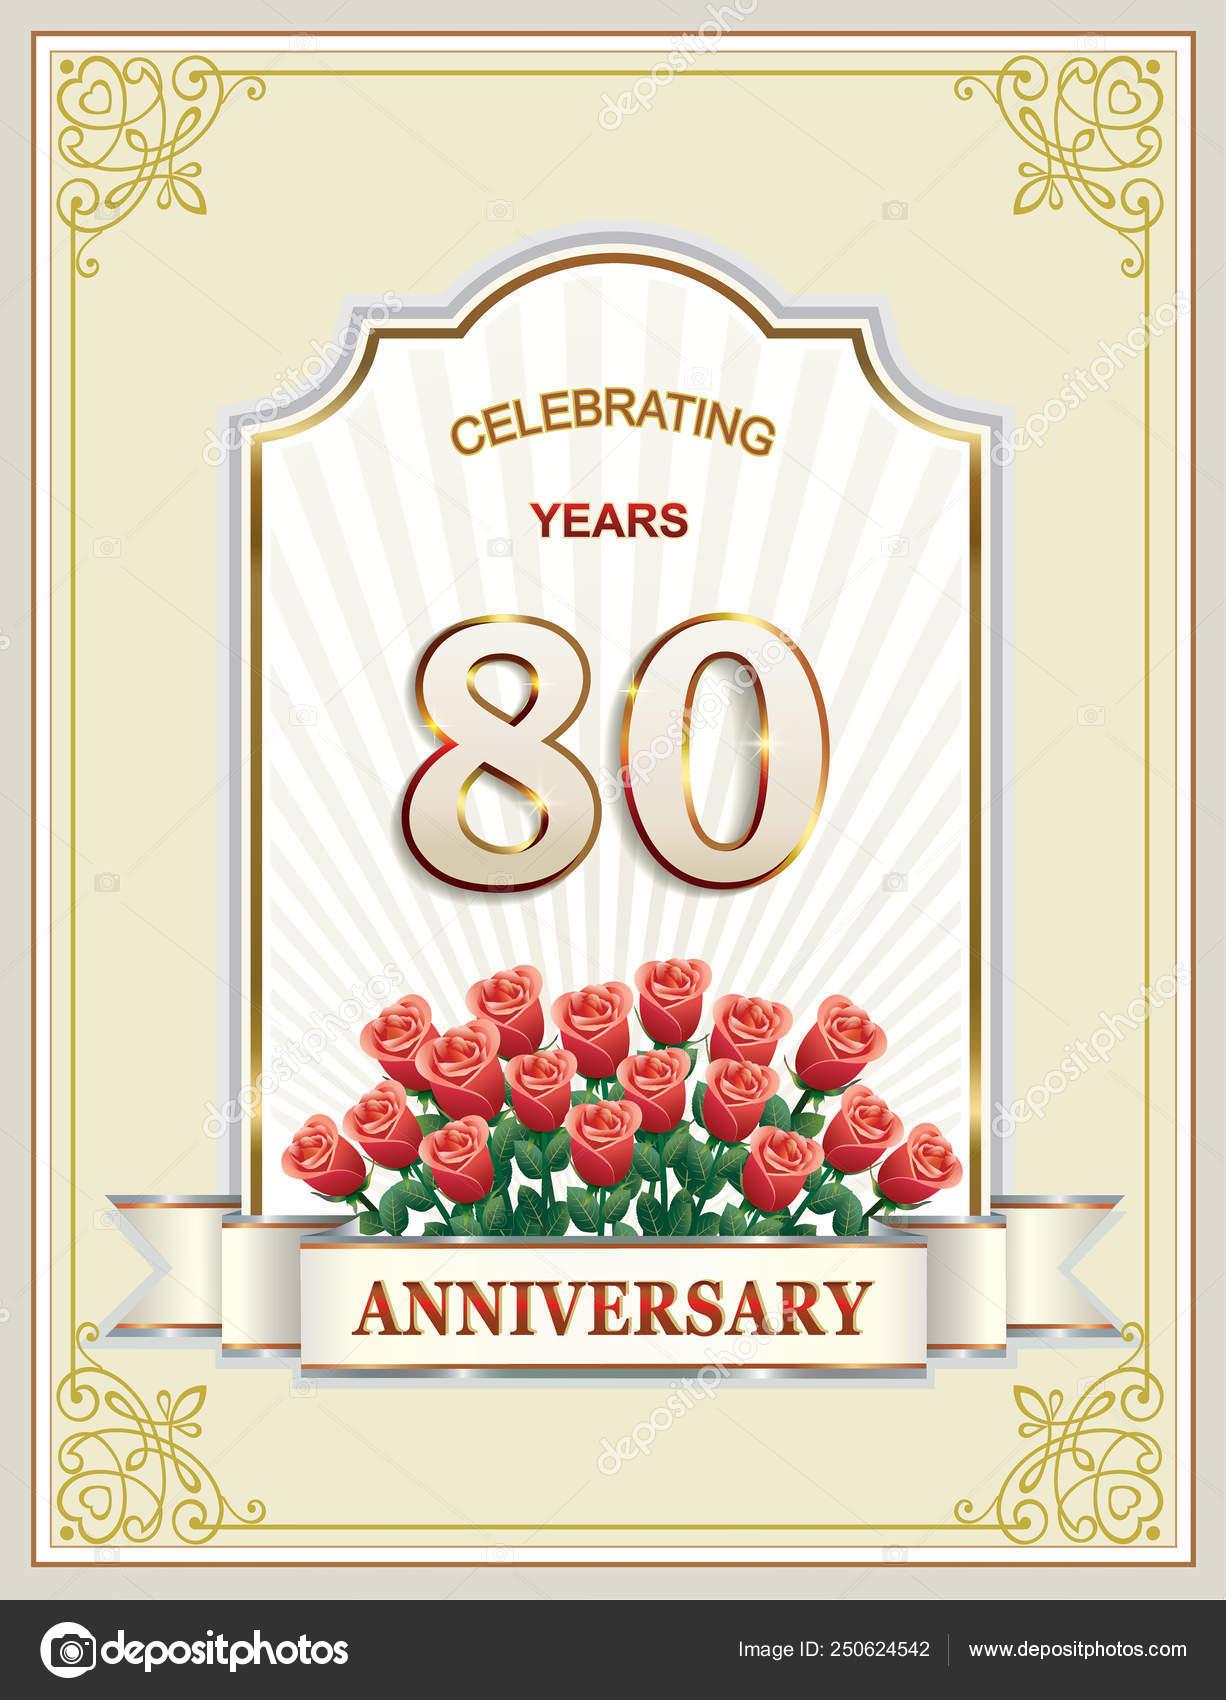 Auguri Buon Compleanno 80 Anni.Anniversario Di 80 Anni 80th Buon Compleanno Cartolina D